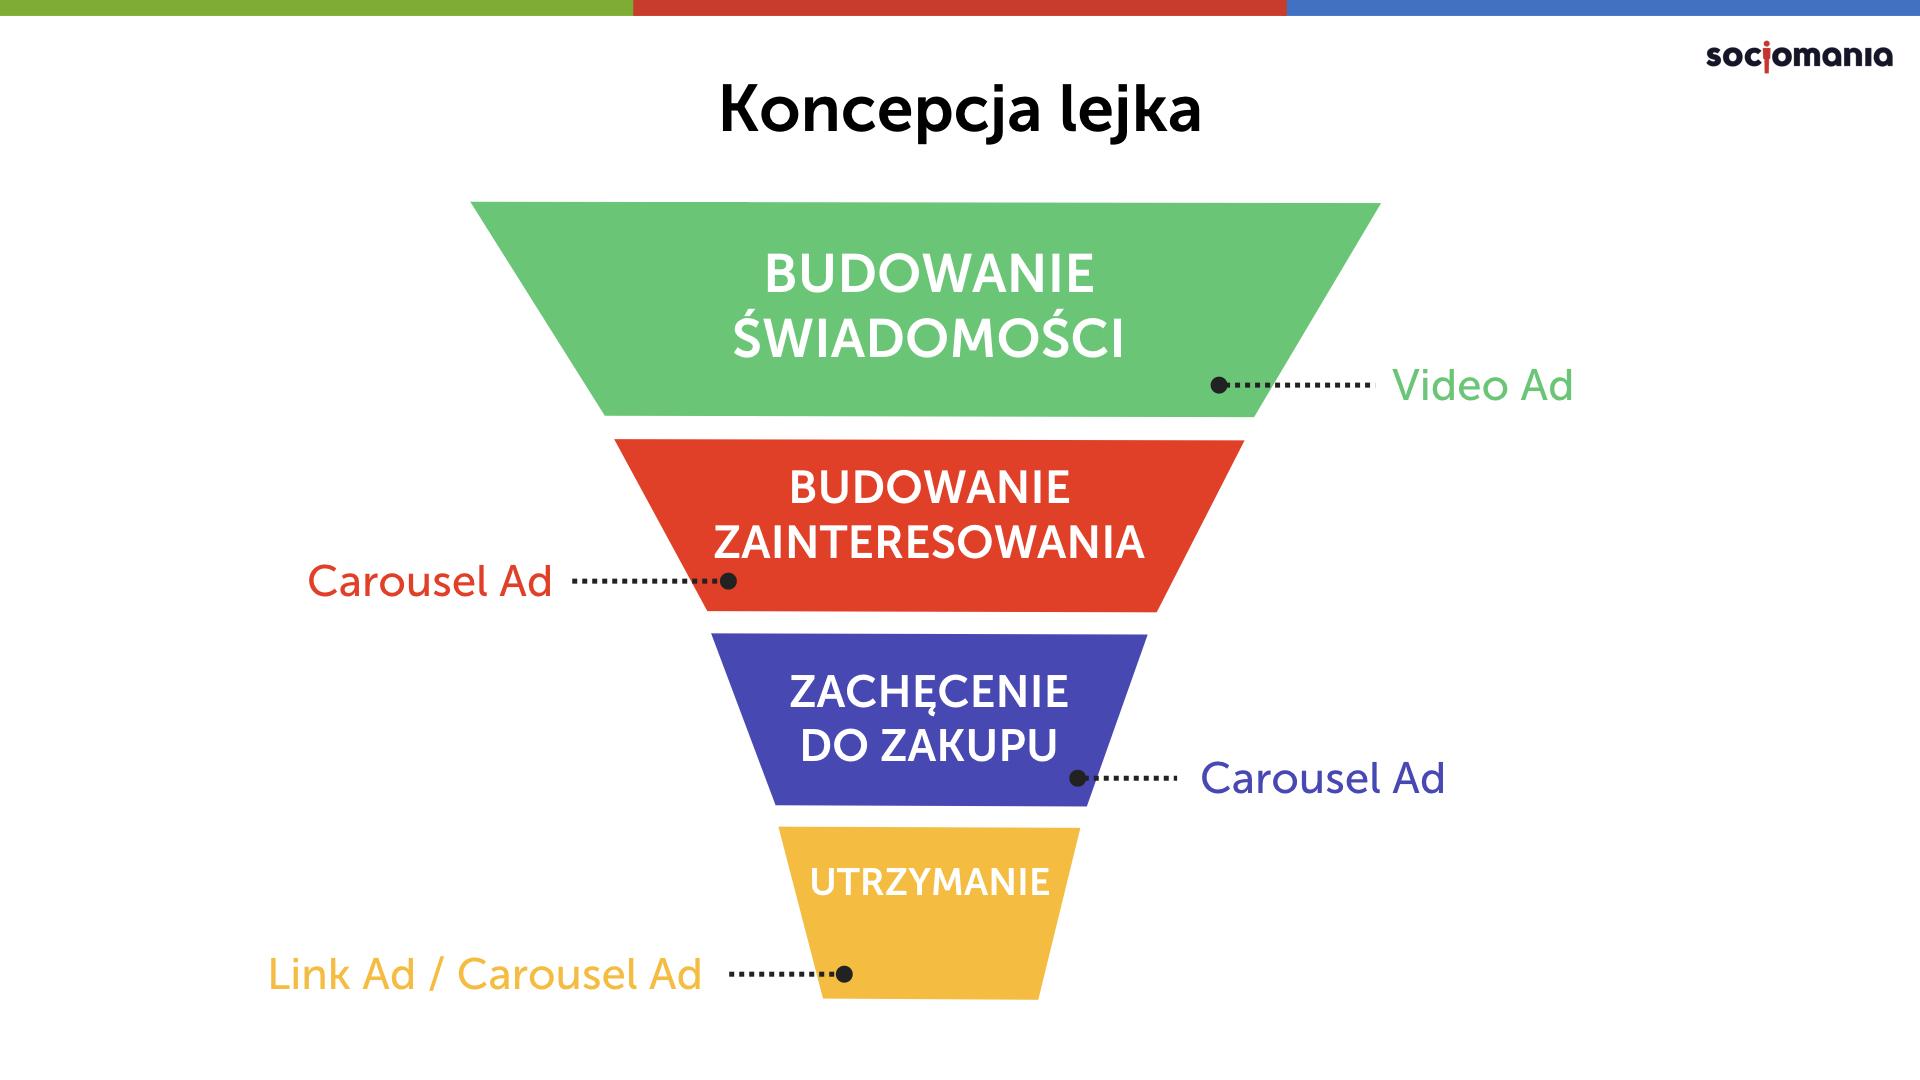 Rys. 5 Koncepcja lejka sprzedaży – przykładowe etapy ścieżki Klienta i formaty reklamowe, źródło: Socjomania.pl